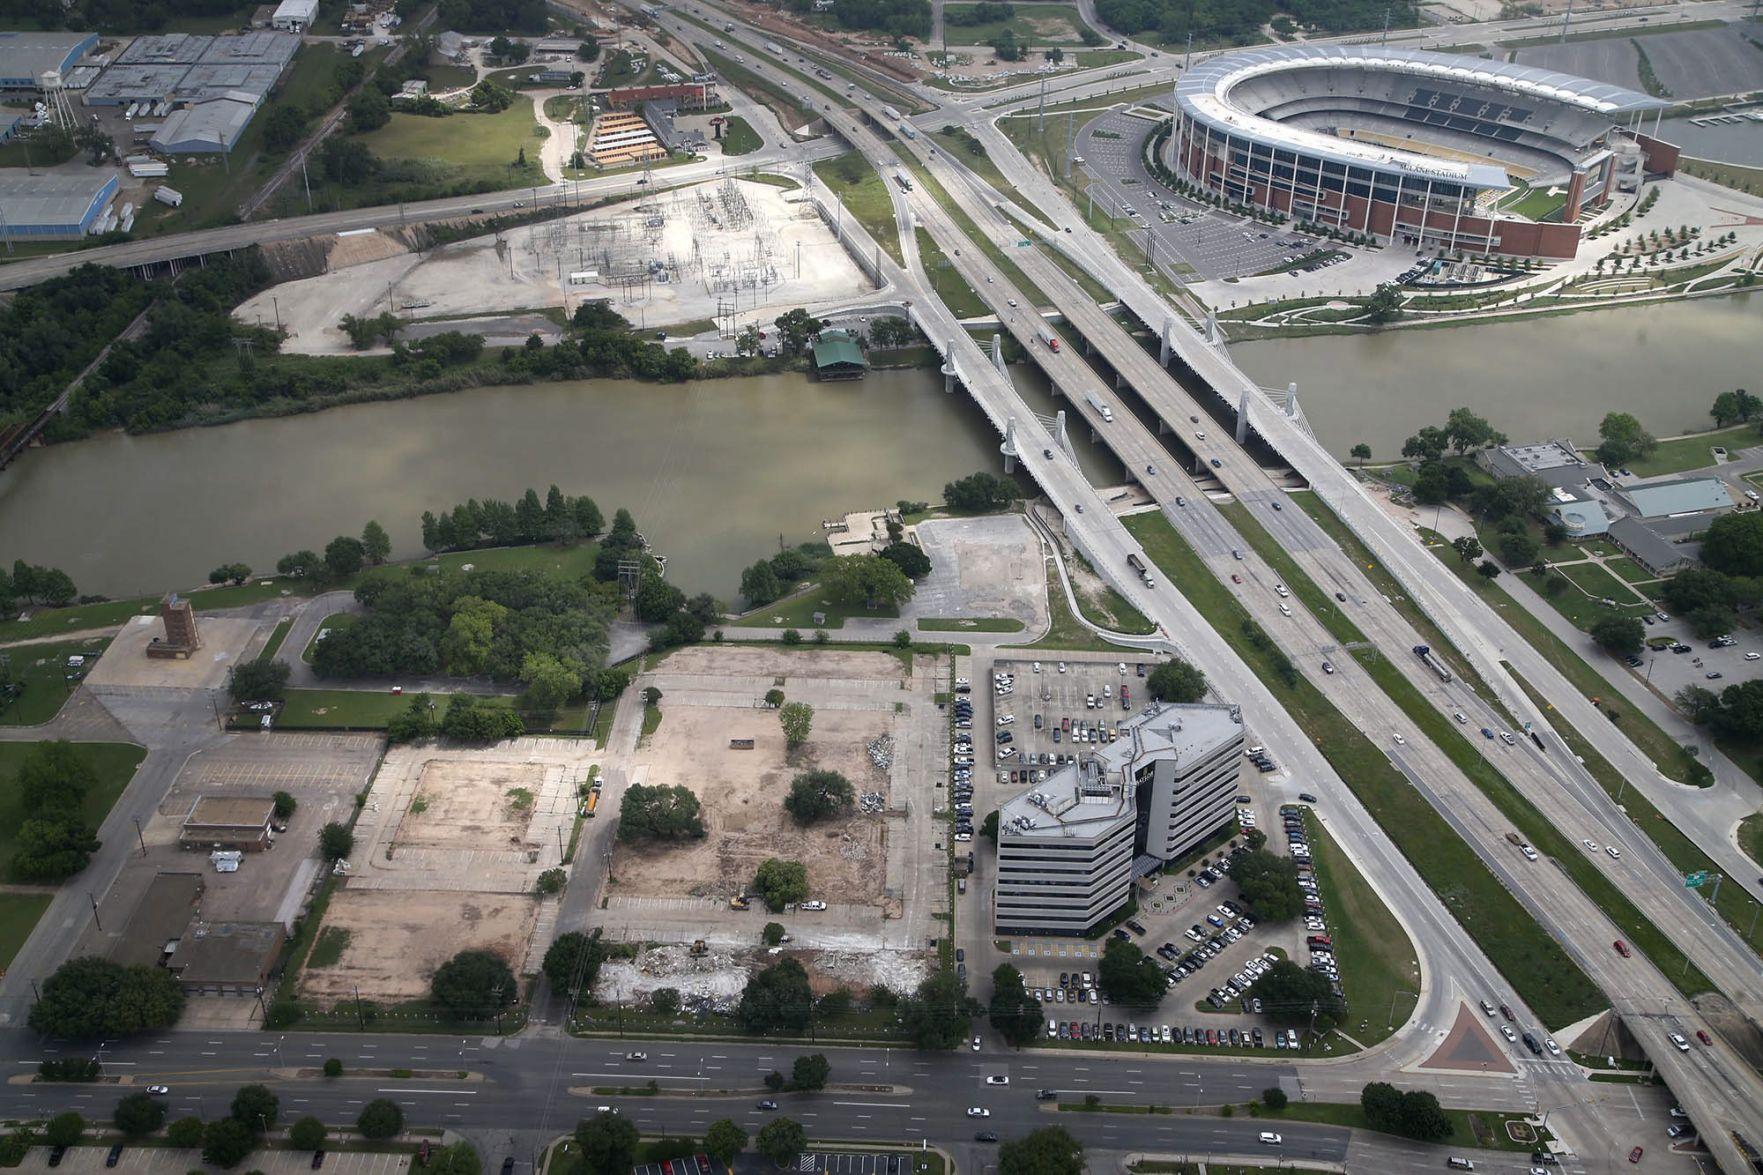 Downtown riverfront development